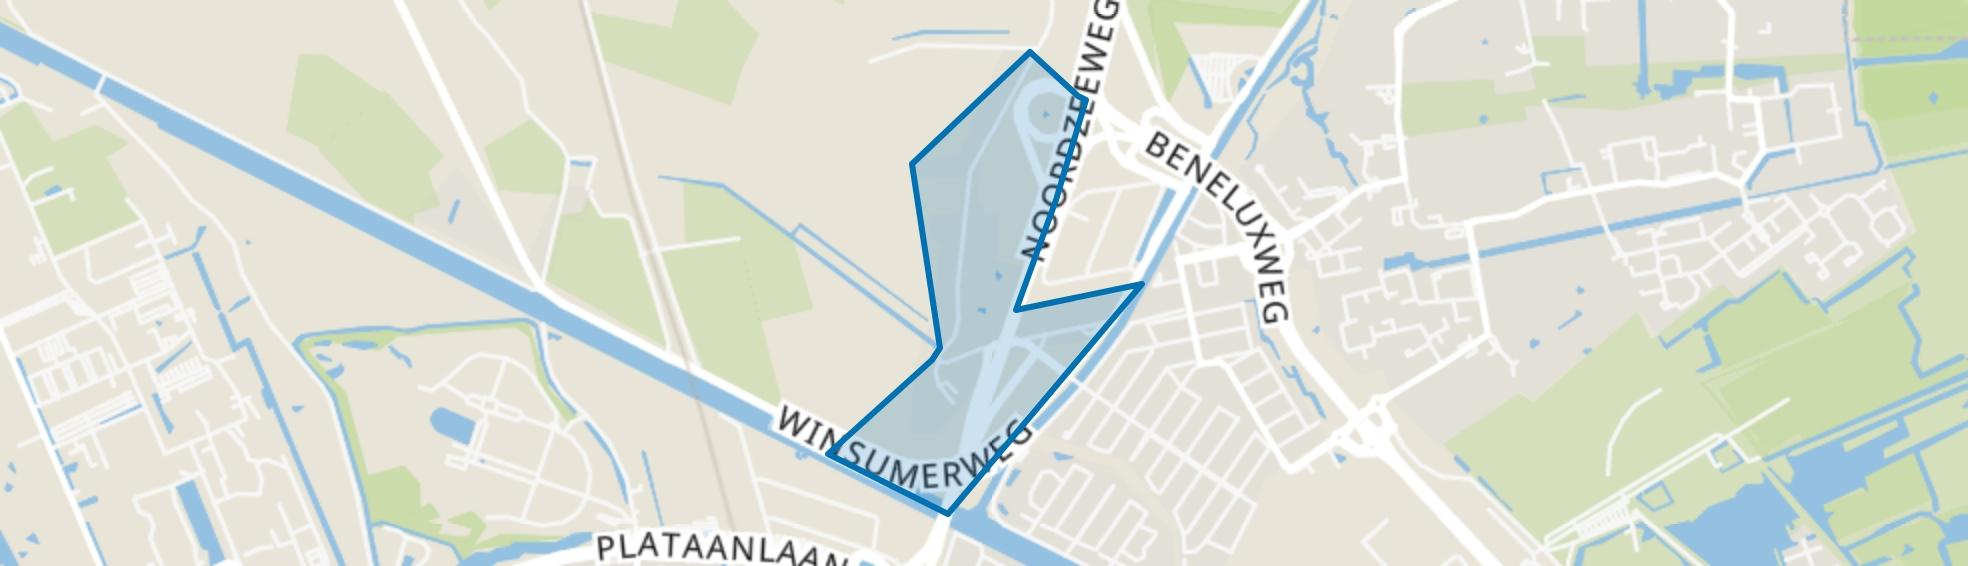 Noorderhoogebrug, Groningen map